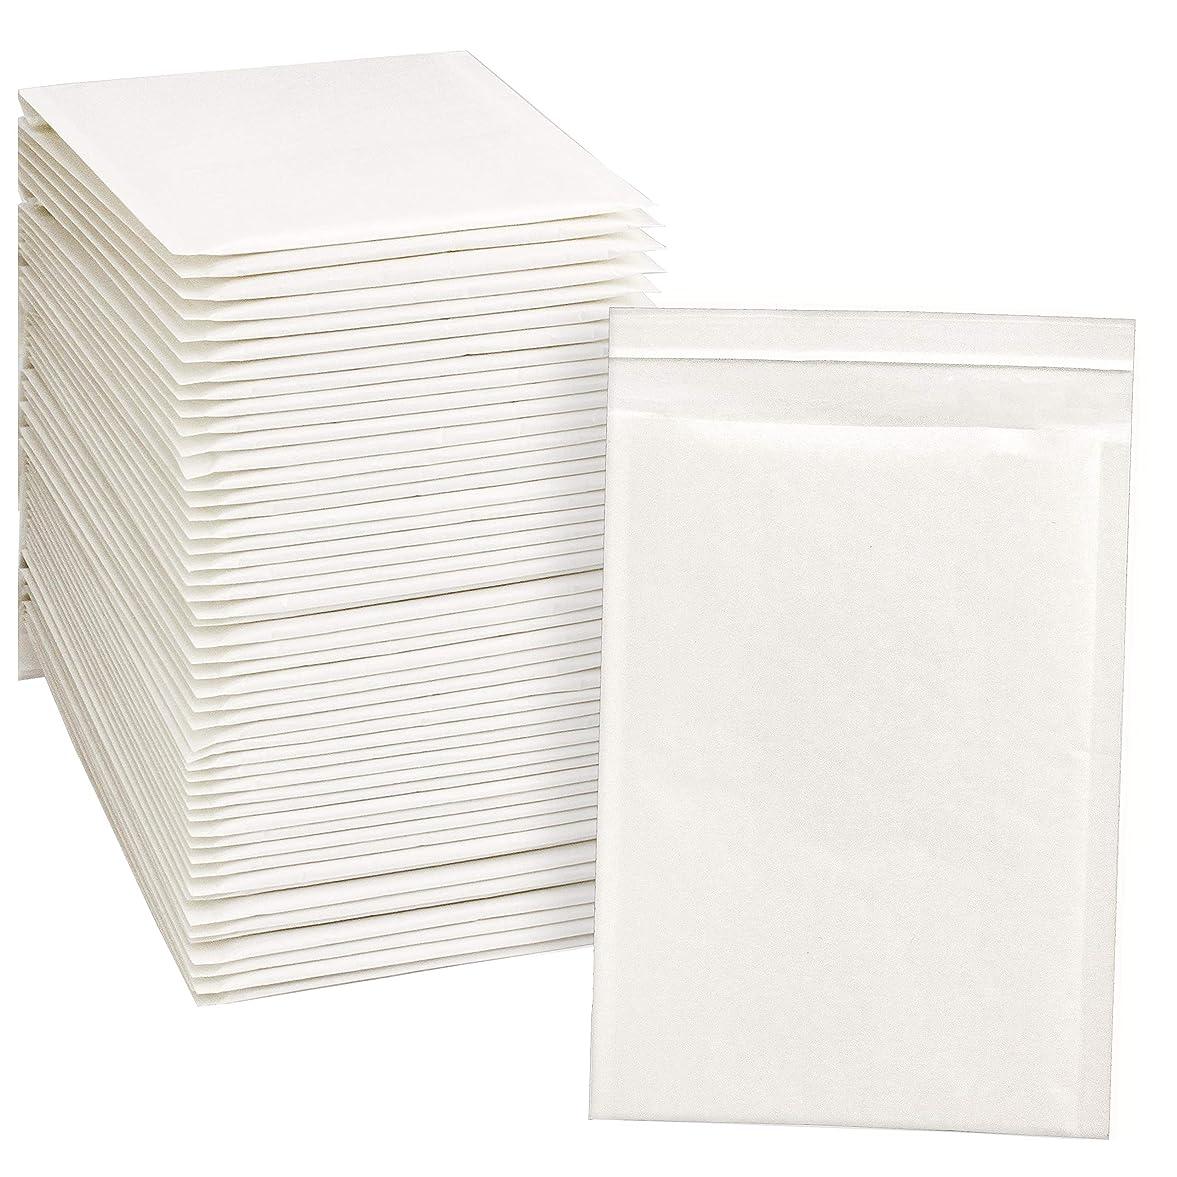 窒素従順な間違いキュービックス 封筒 カラード パウダー 101564